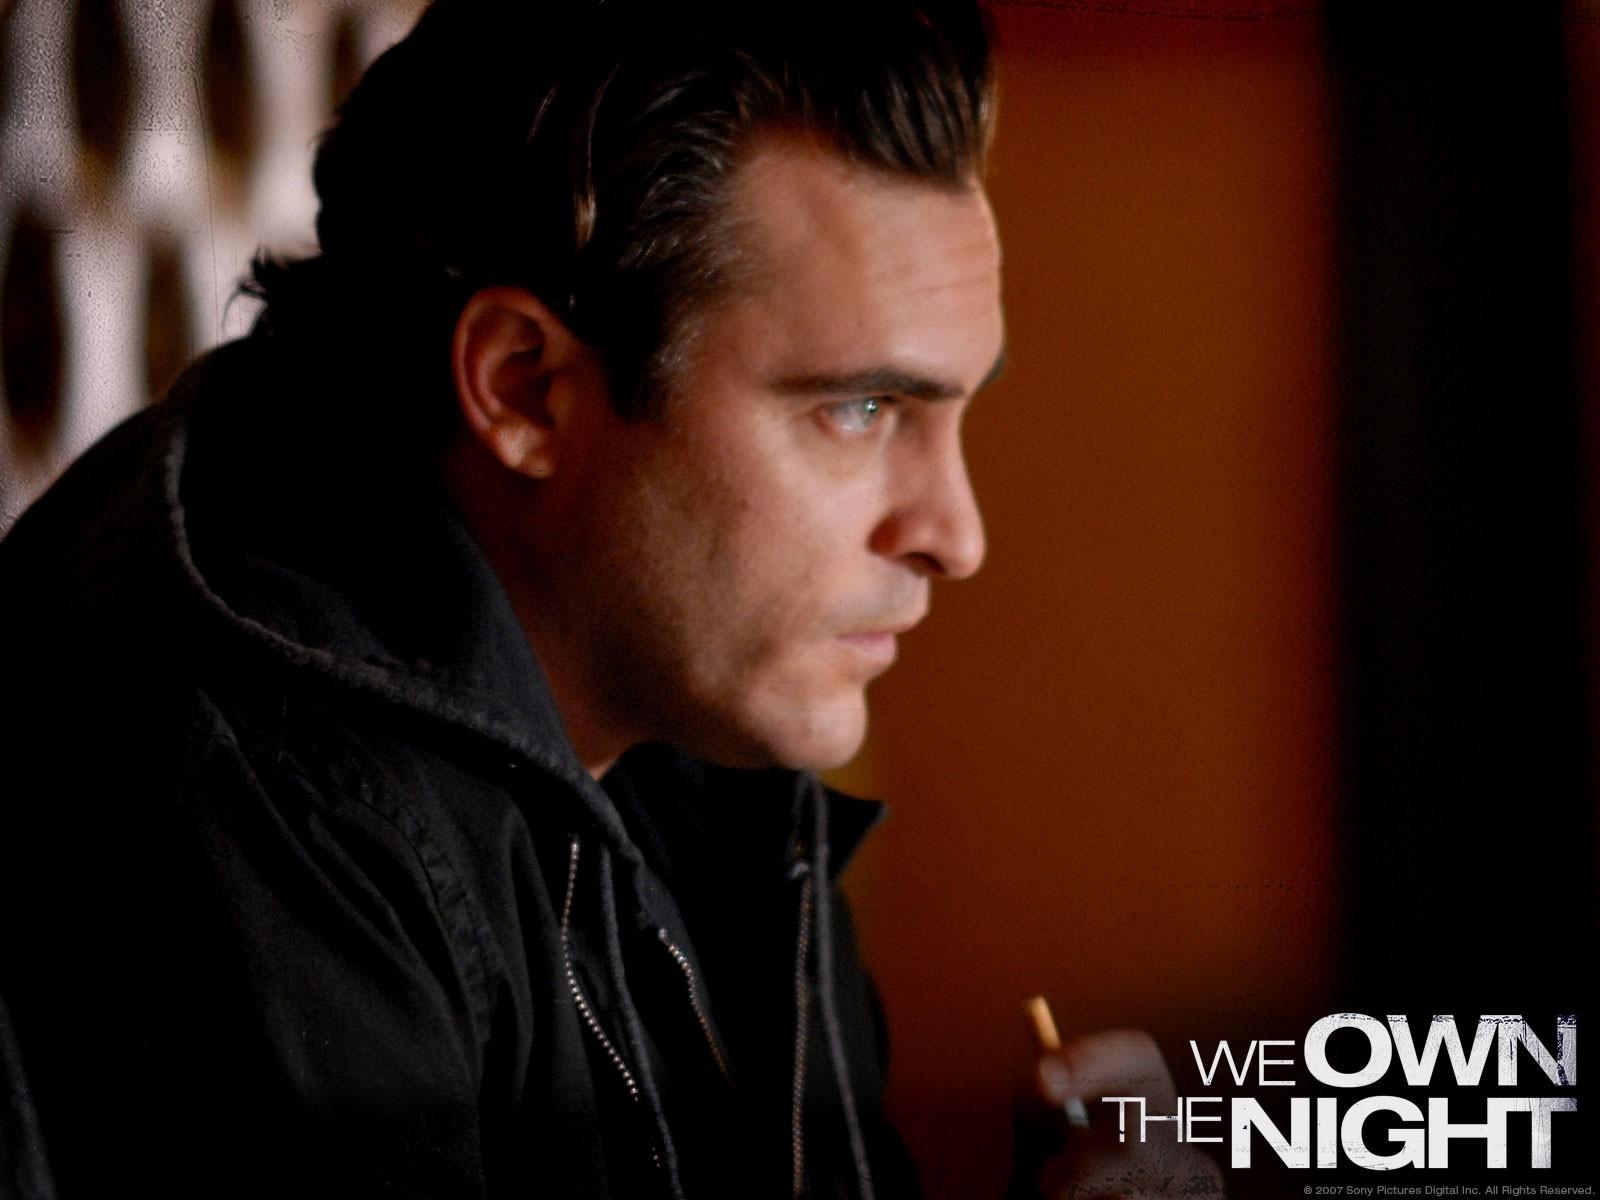 Wallpaper del film I padroni della notte con J. Phoenix